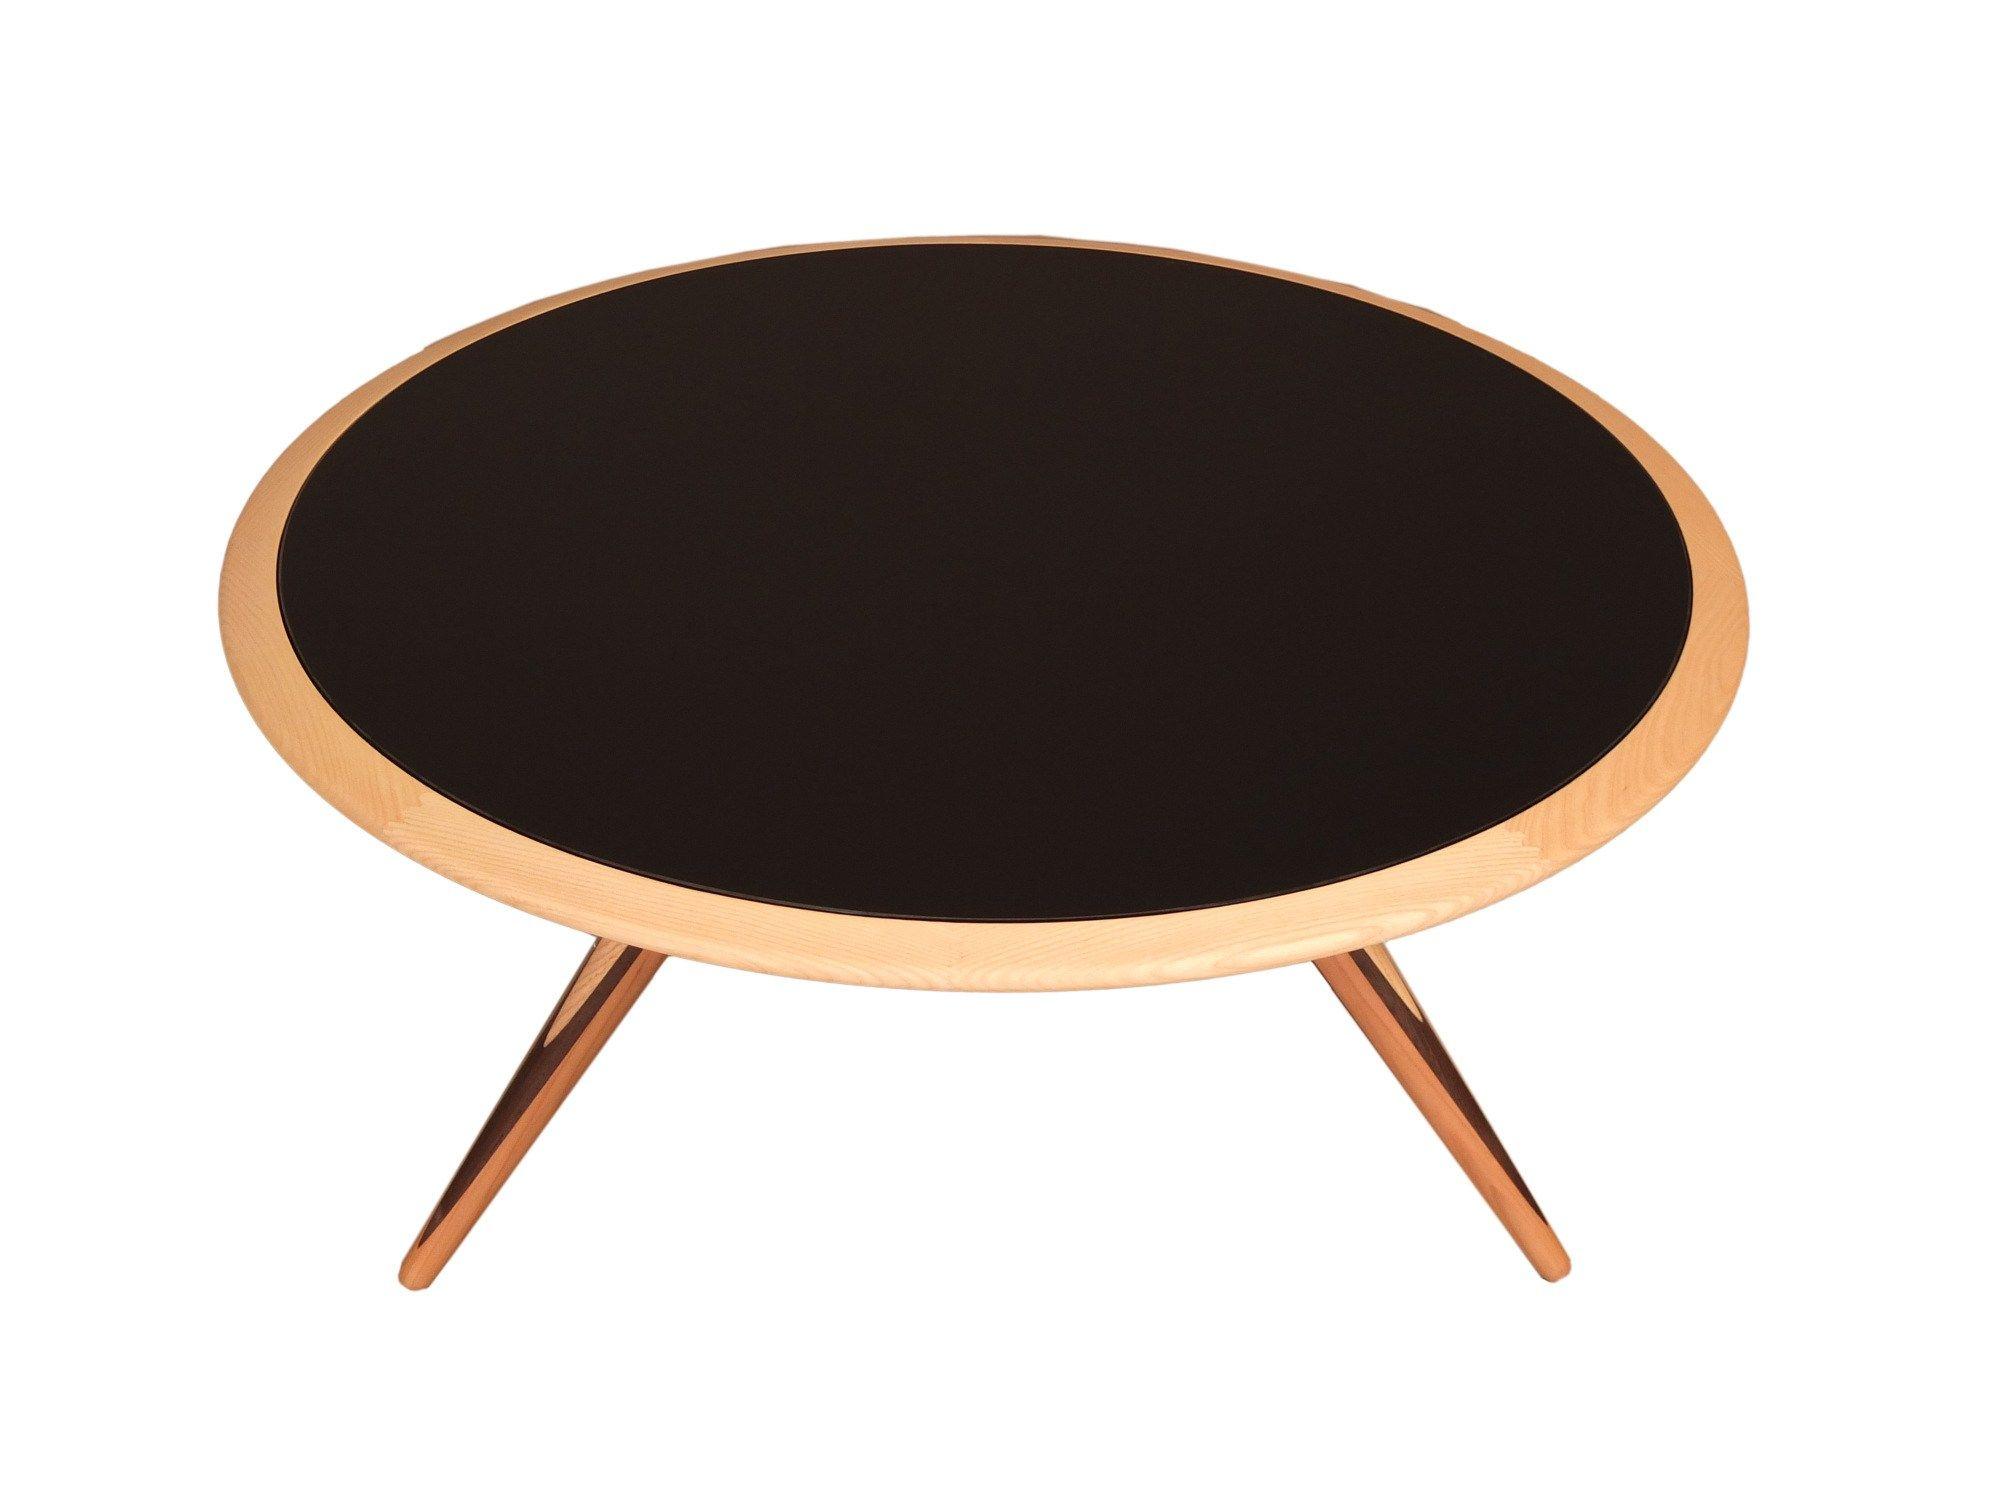 Tavolino Rotondo Legno Essenza Bim : Carambola tavolino basso by morelato design maurizio duranti